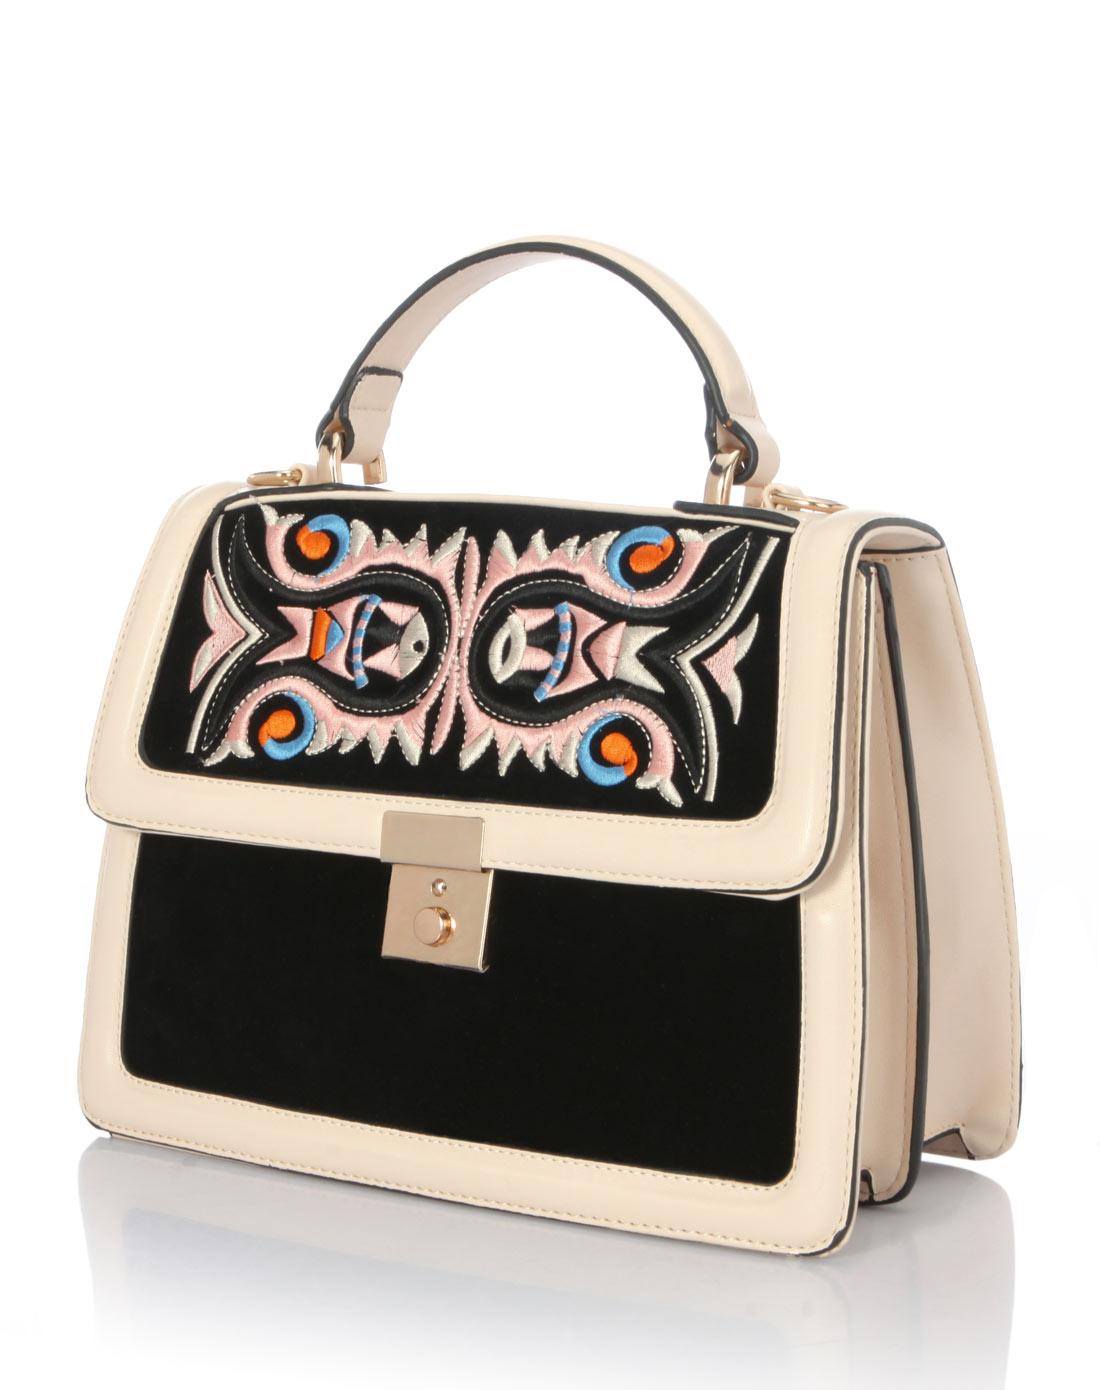 包 包包 挎包手袋 女包 手提包 1100_1390 竖版 竖屏